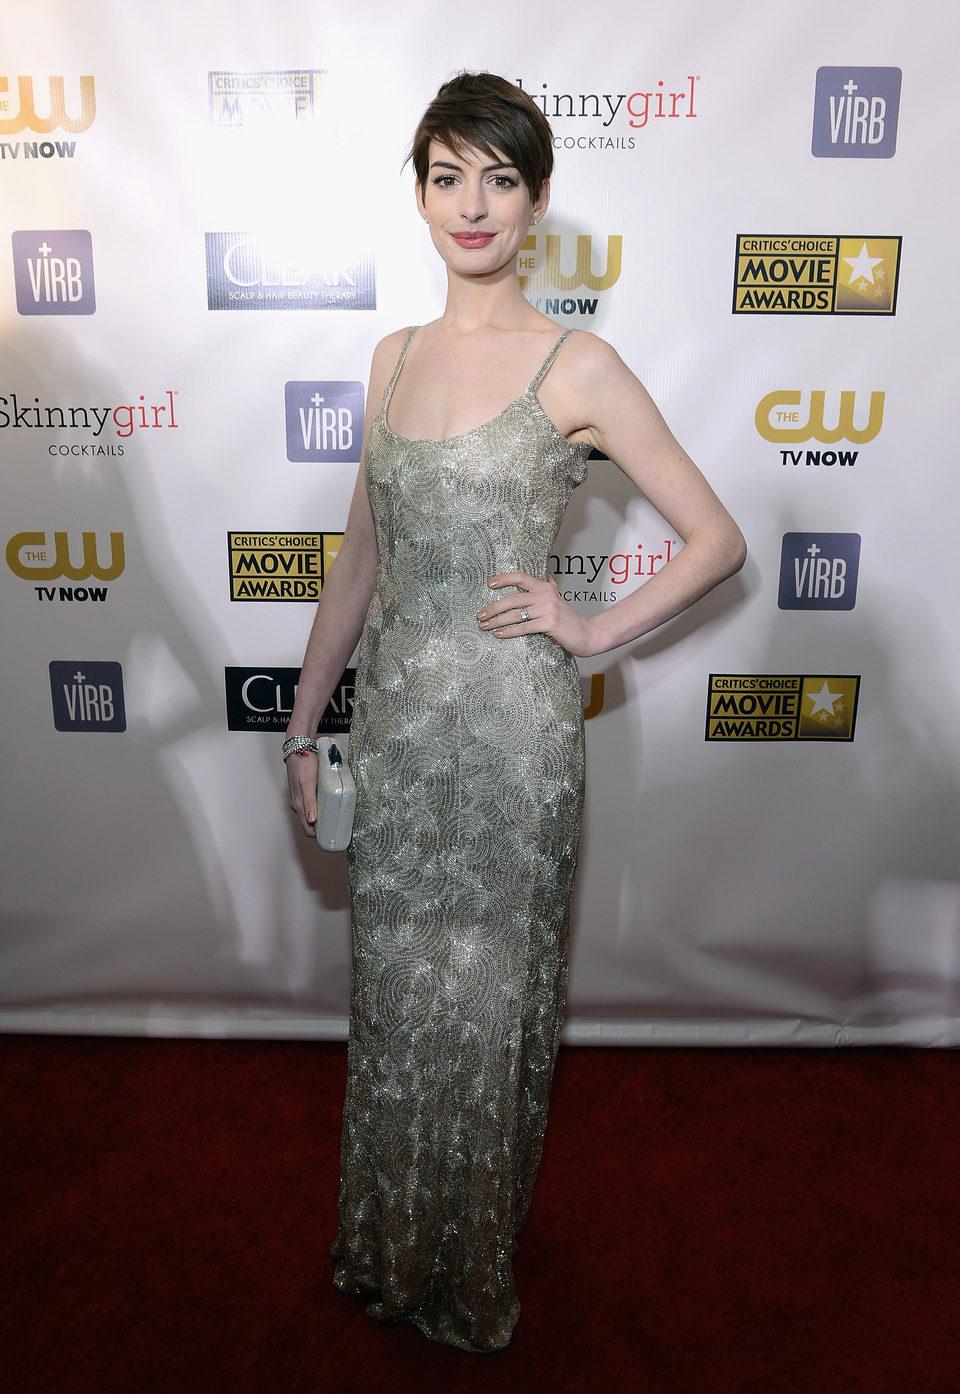 Anne Hathaway en la gala de los Critics' Choice Movie Awards 2013